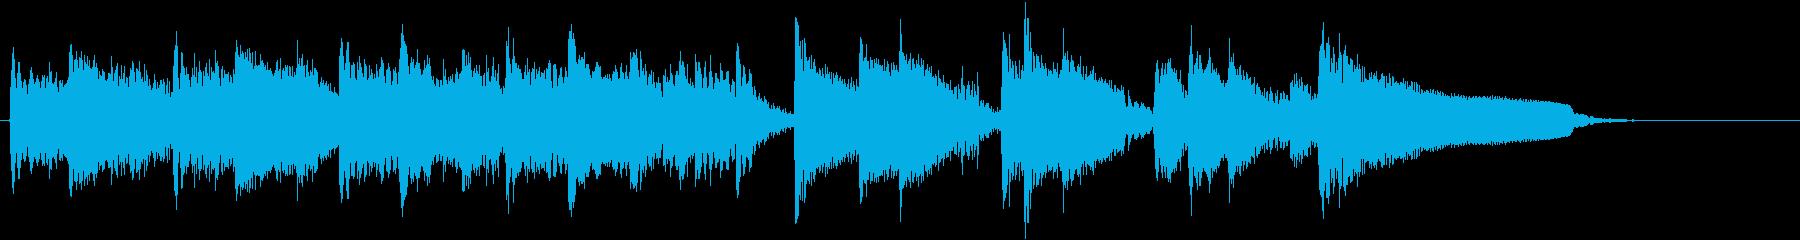 ギターのみの15秒テレビ向けCM曲です。の再生済みの波形